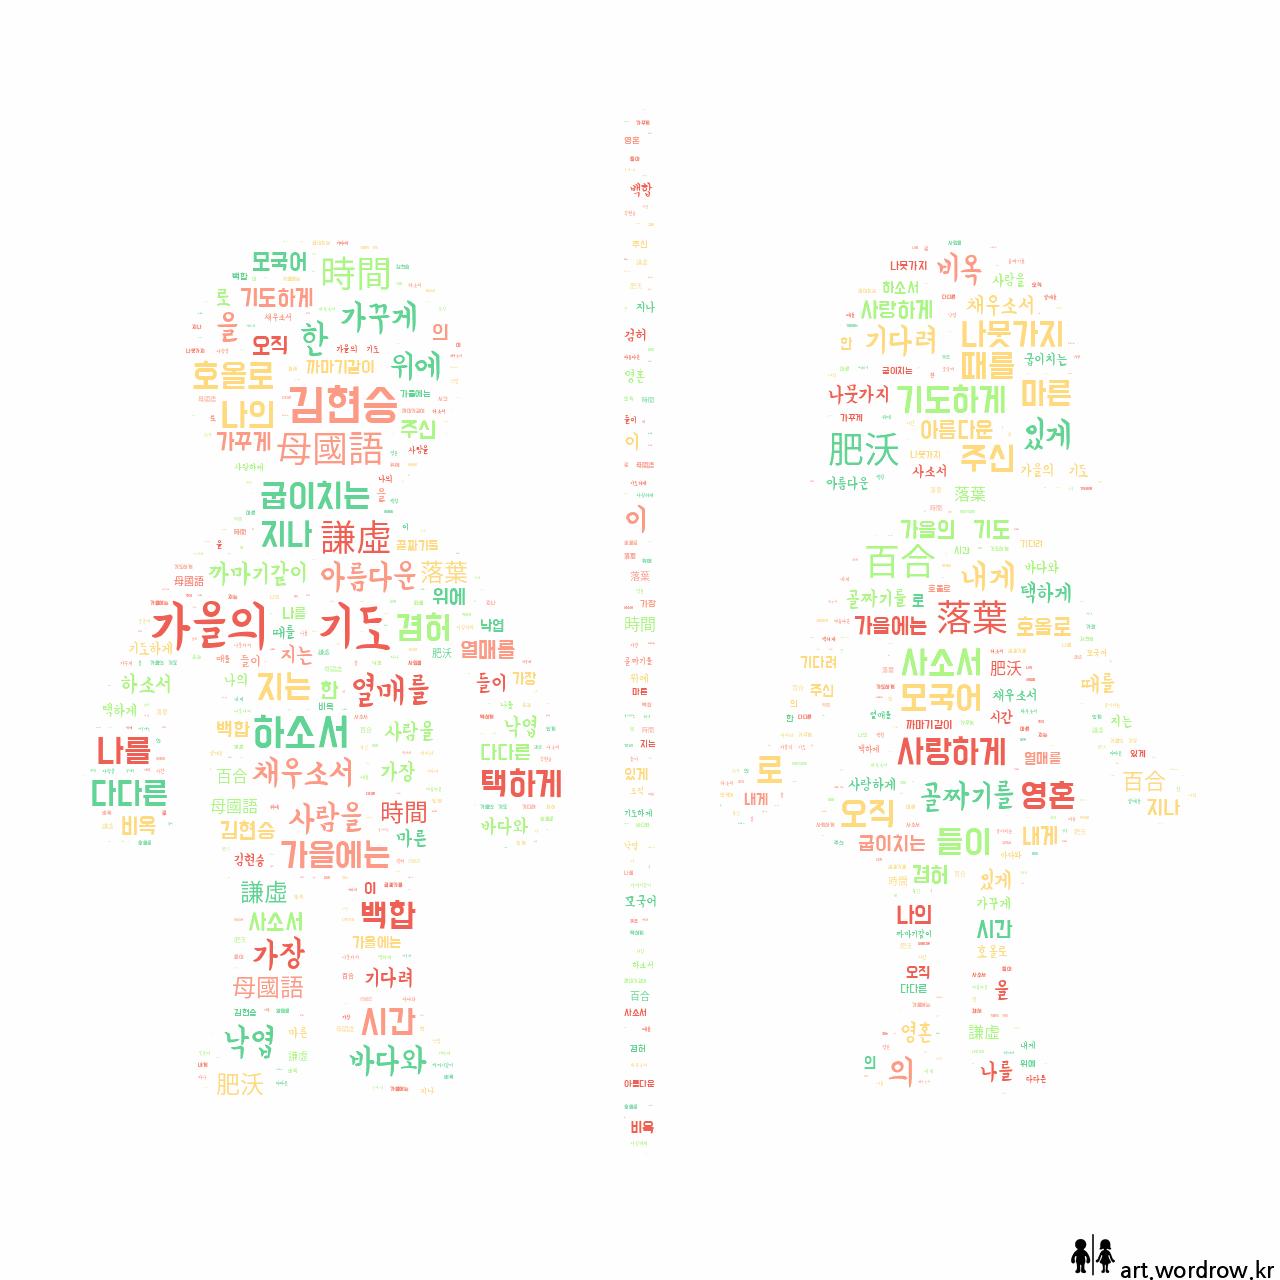 워드 클라우드: 가을의 기도 [김현승]-9